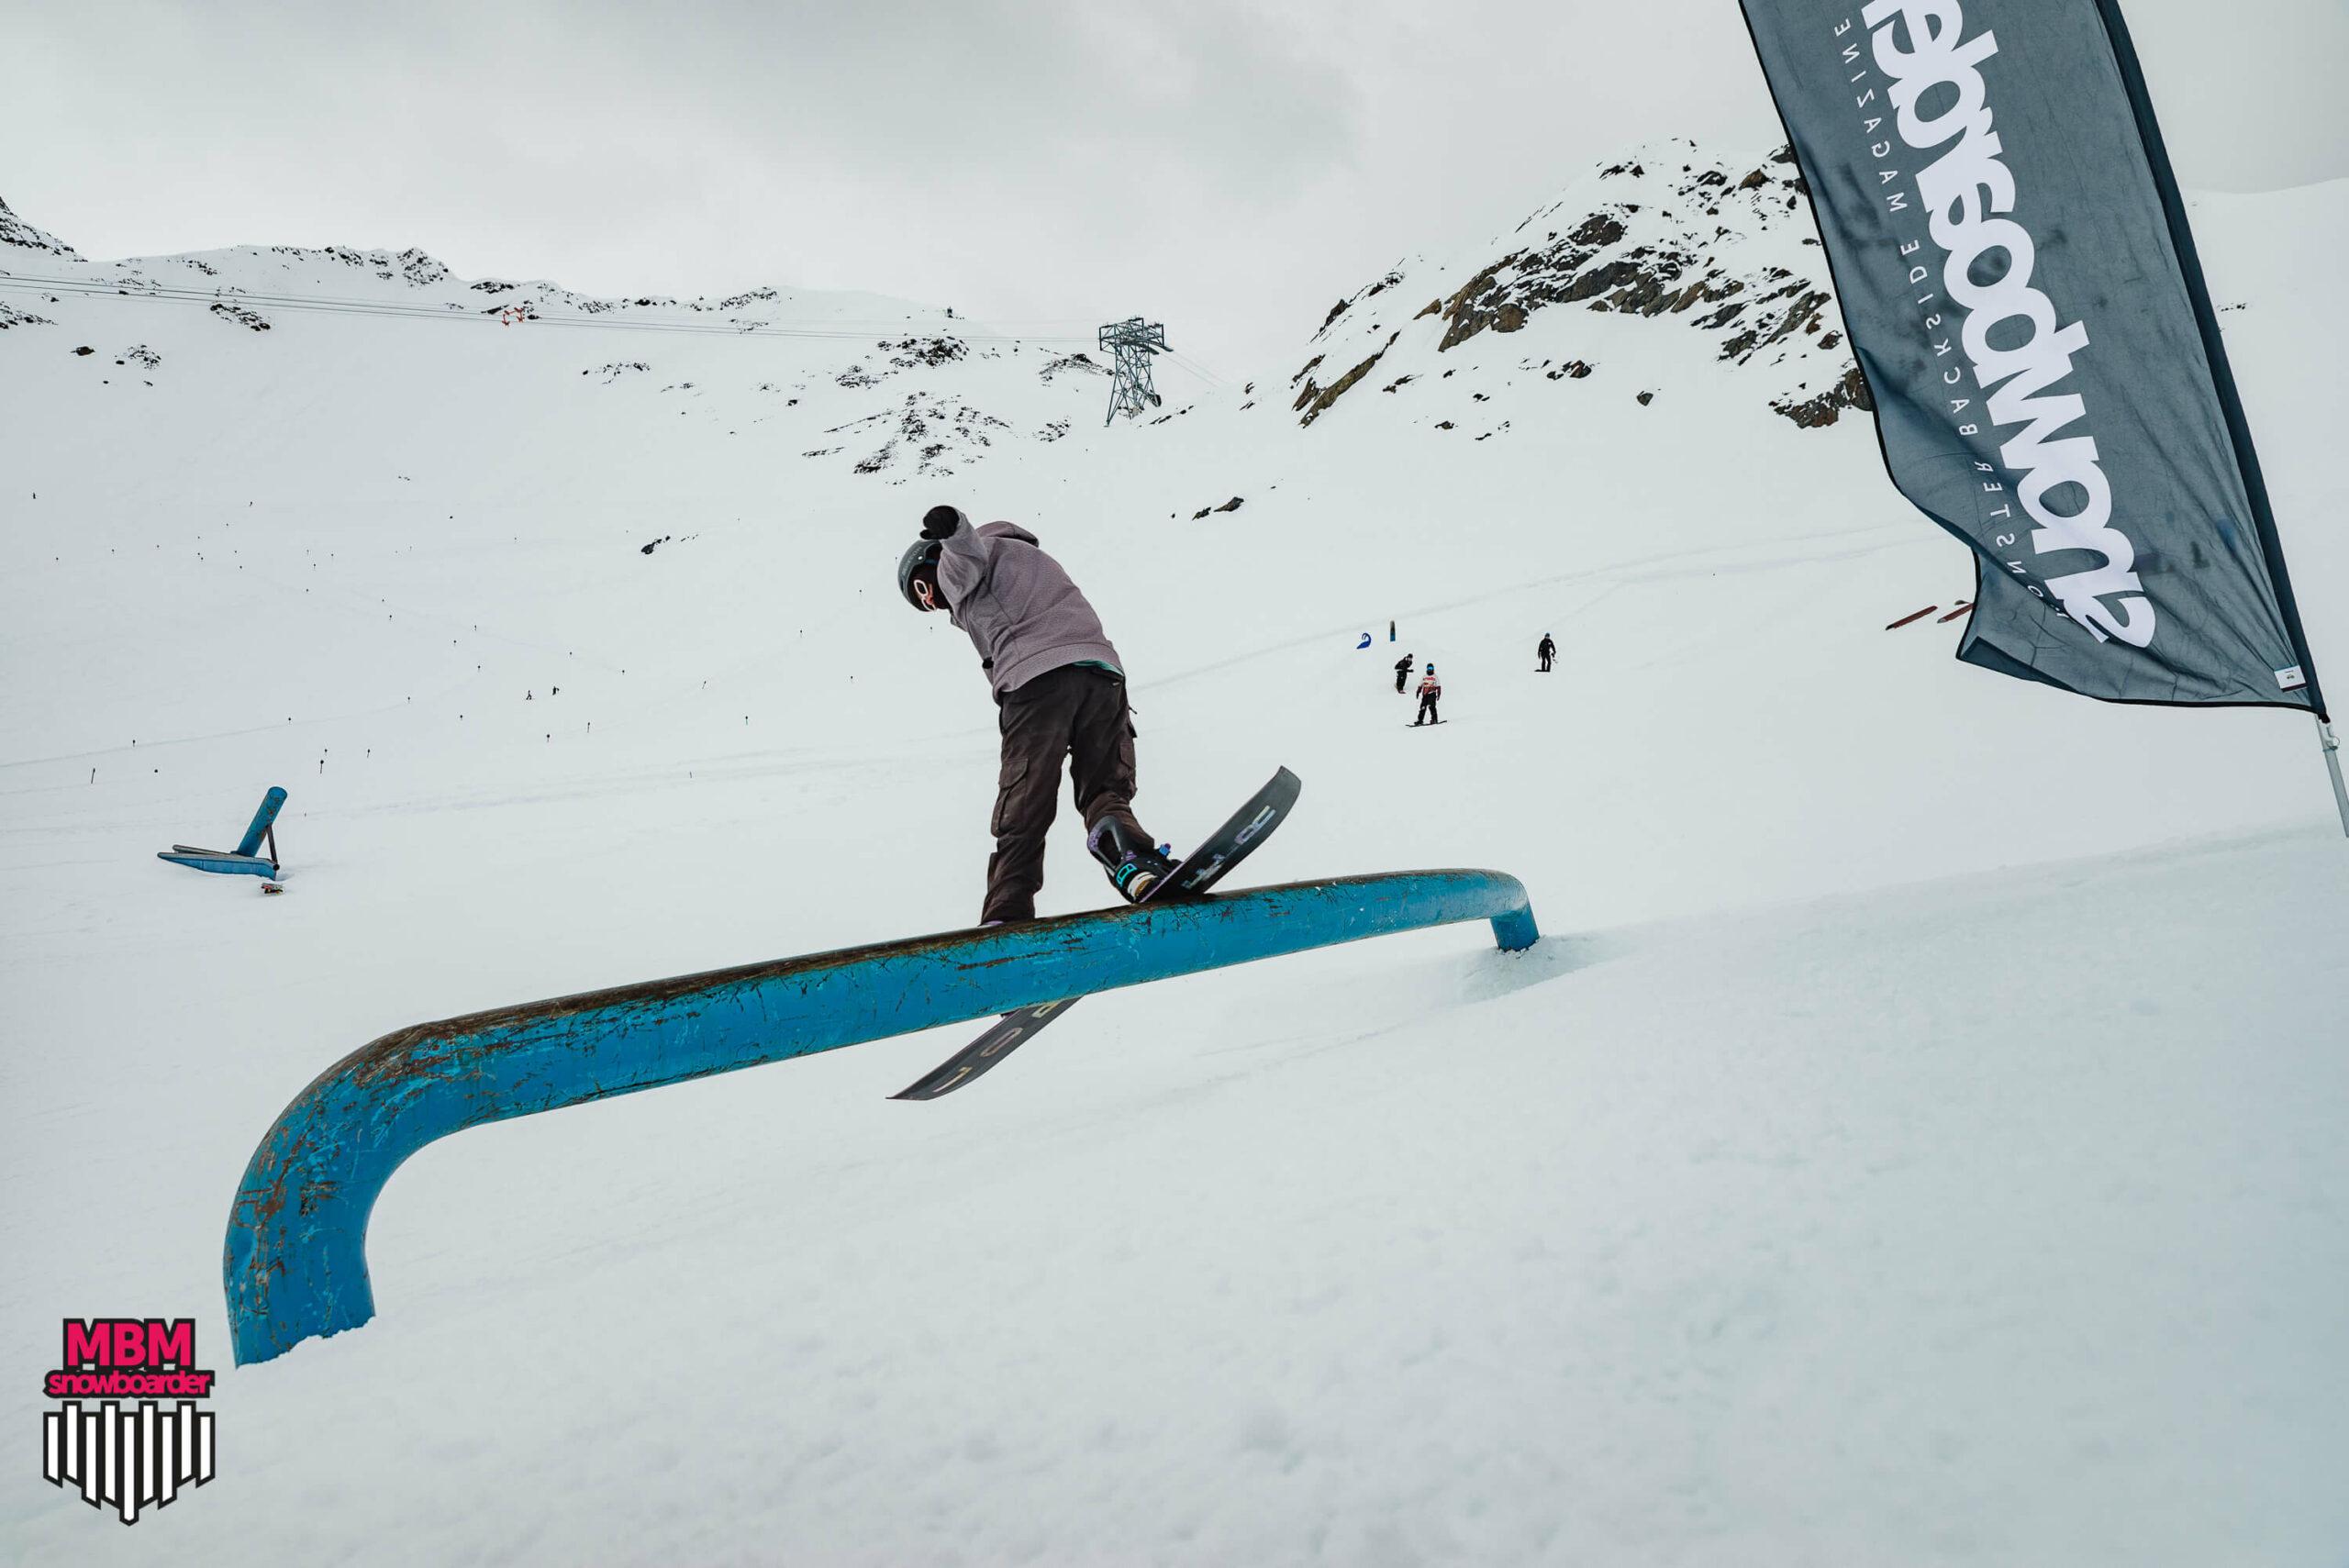 snowboarderMBM_sd_kaunertal_017